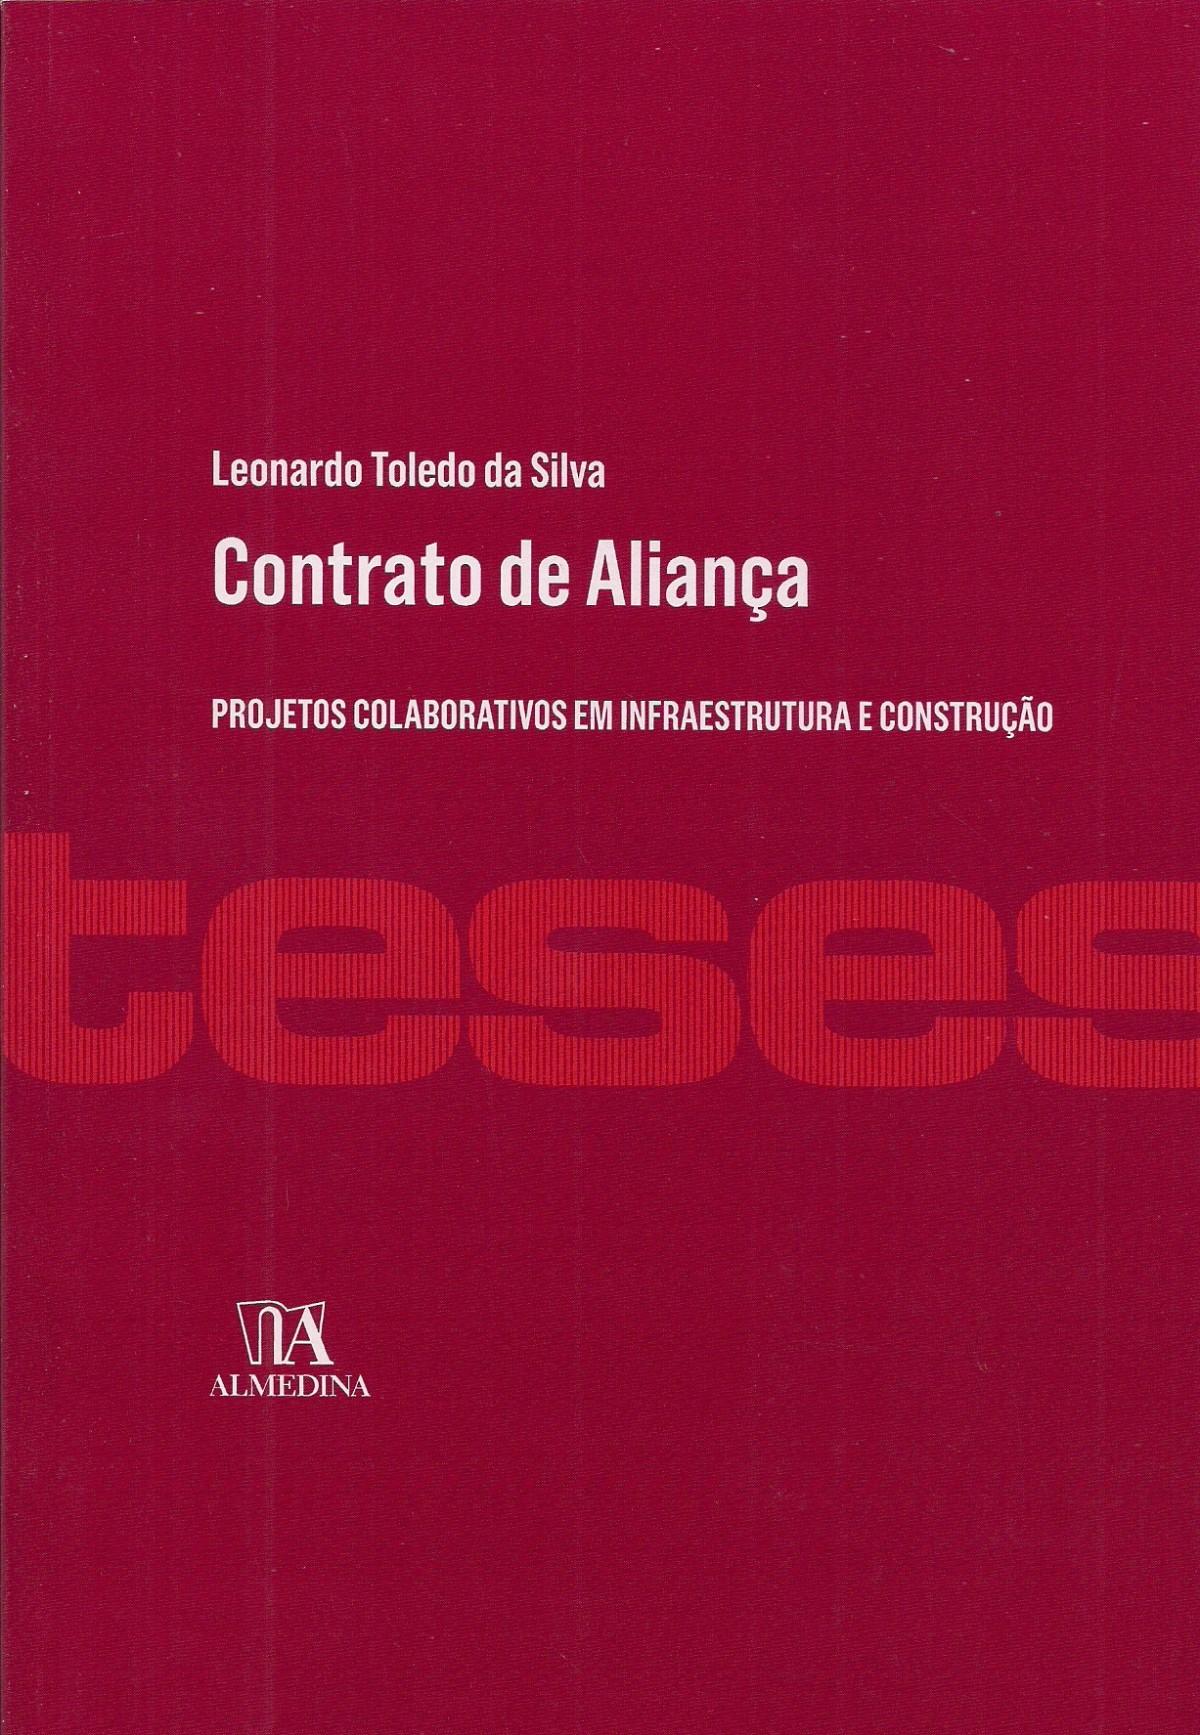 Foto 1 - Contrato de Aliança - Projetos colaborativos em infraestrutura e construção